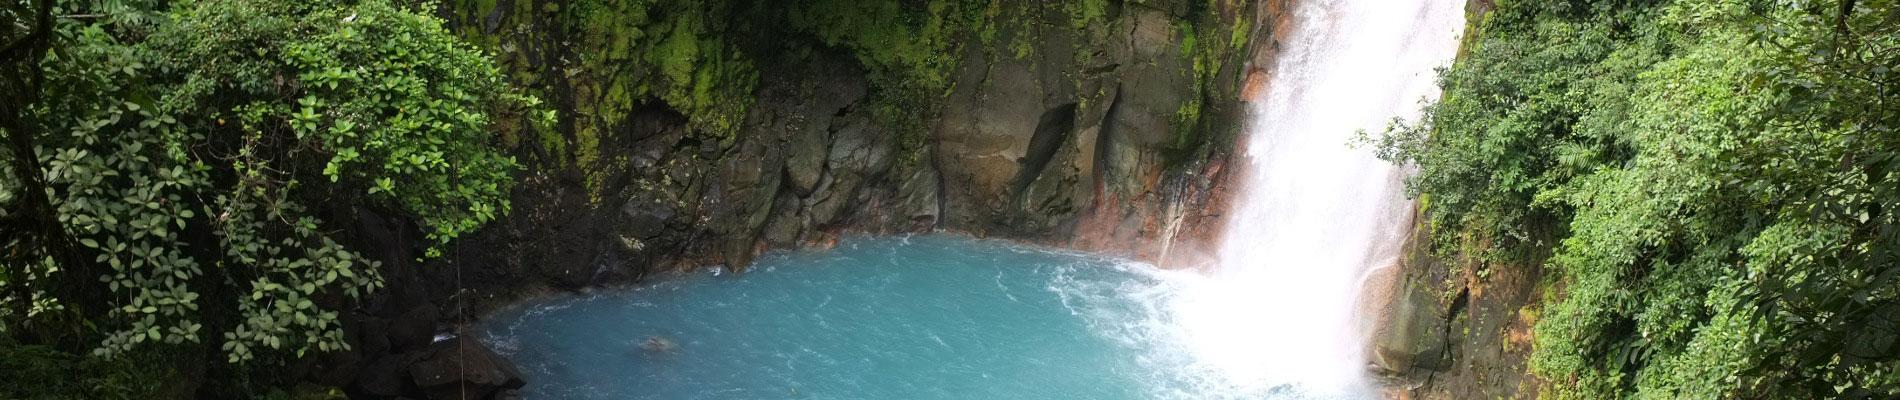 costarica-rio-celeste